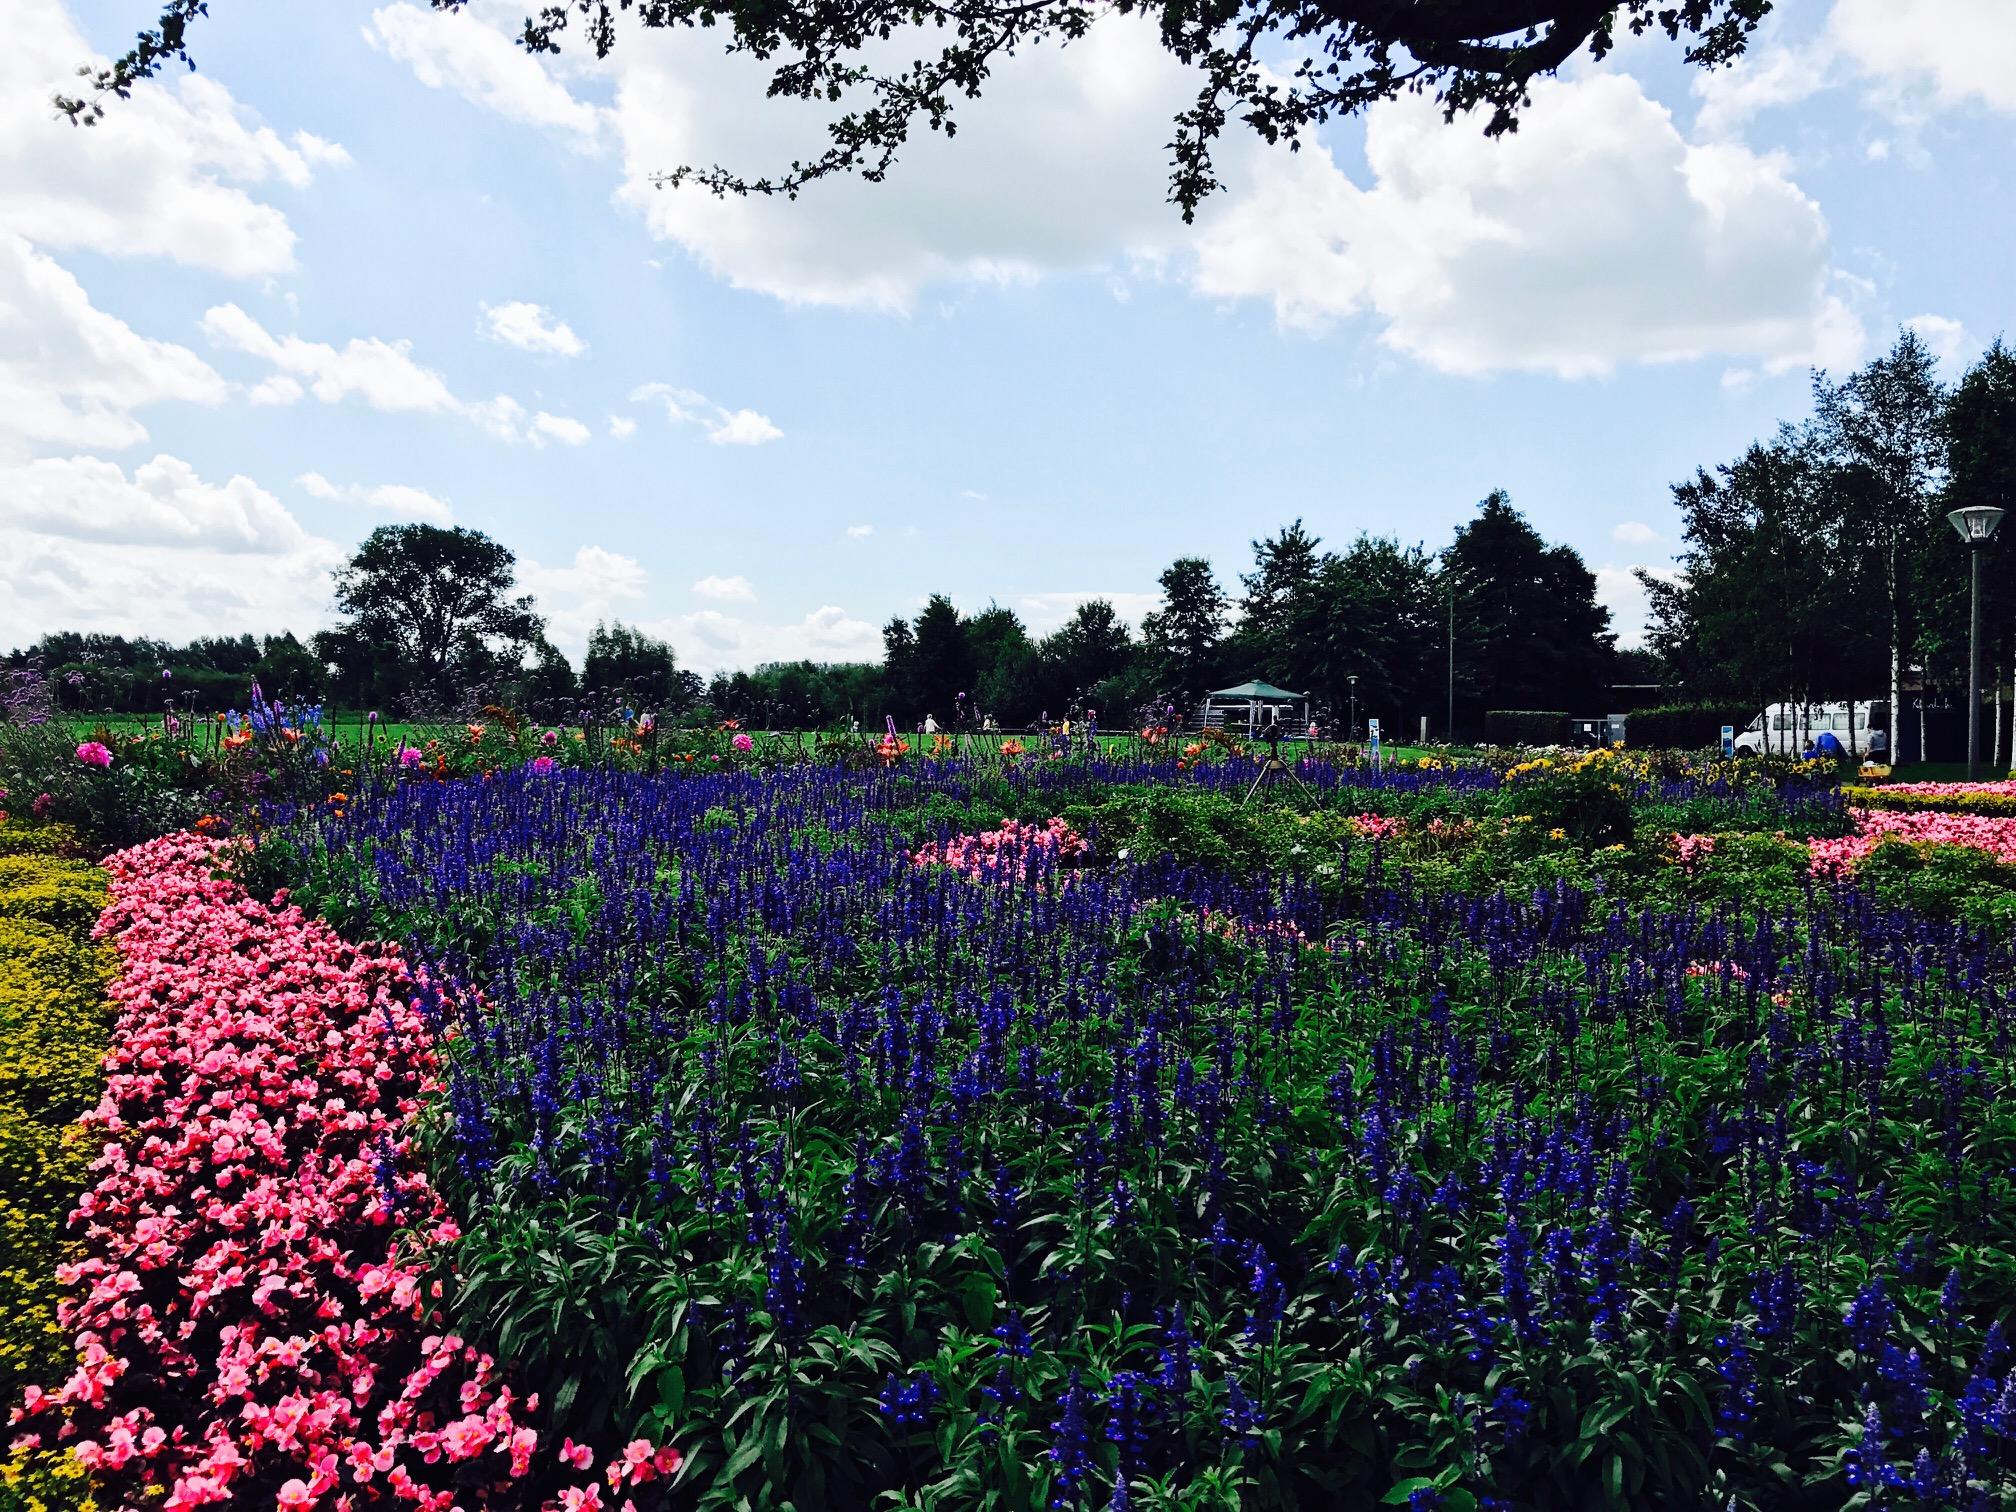 Ausflugstipps NRW, Gartenschaupark Rietberg, Blick auf Blumenbeete